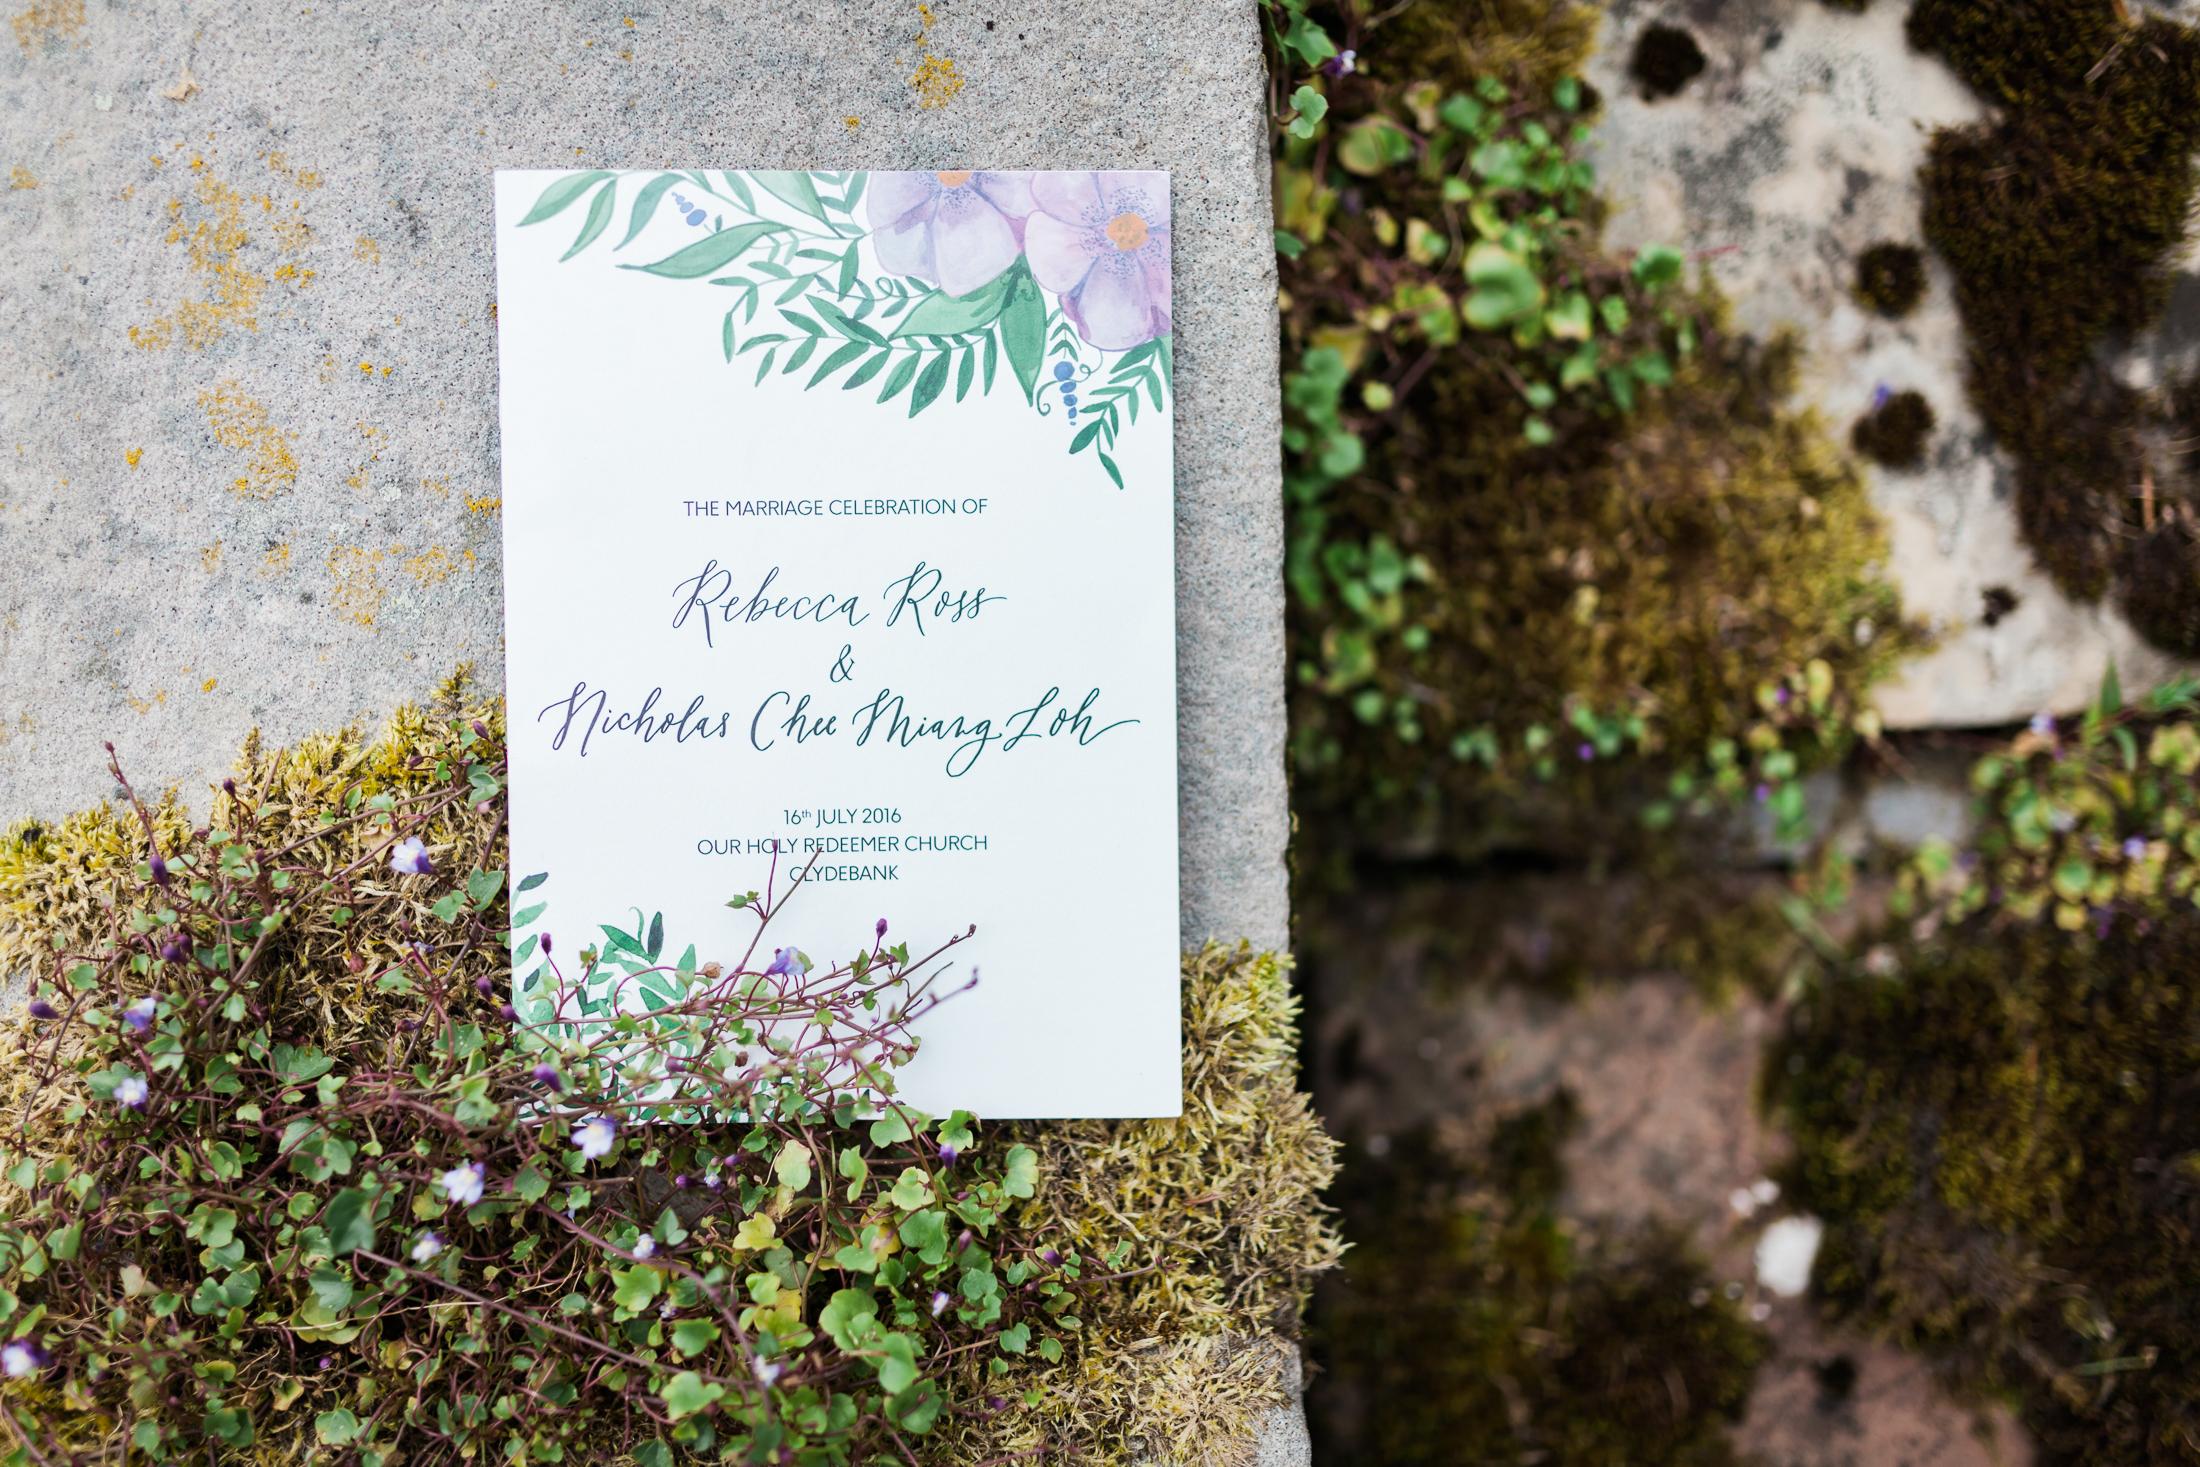 brahmin_calligraphy_weddings_order_of_service_2.jpg